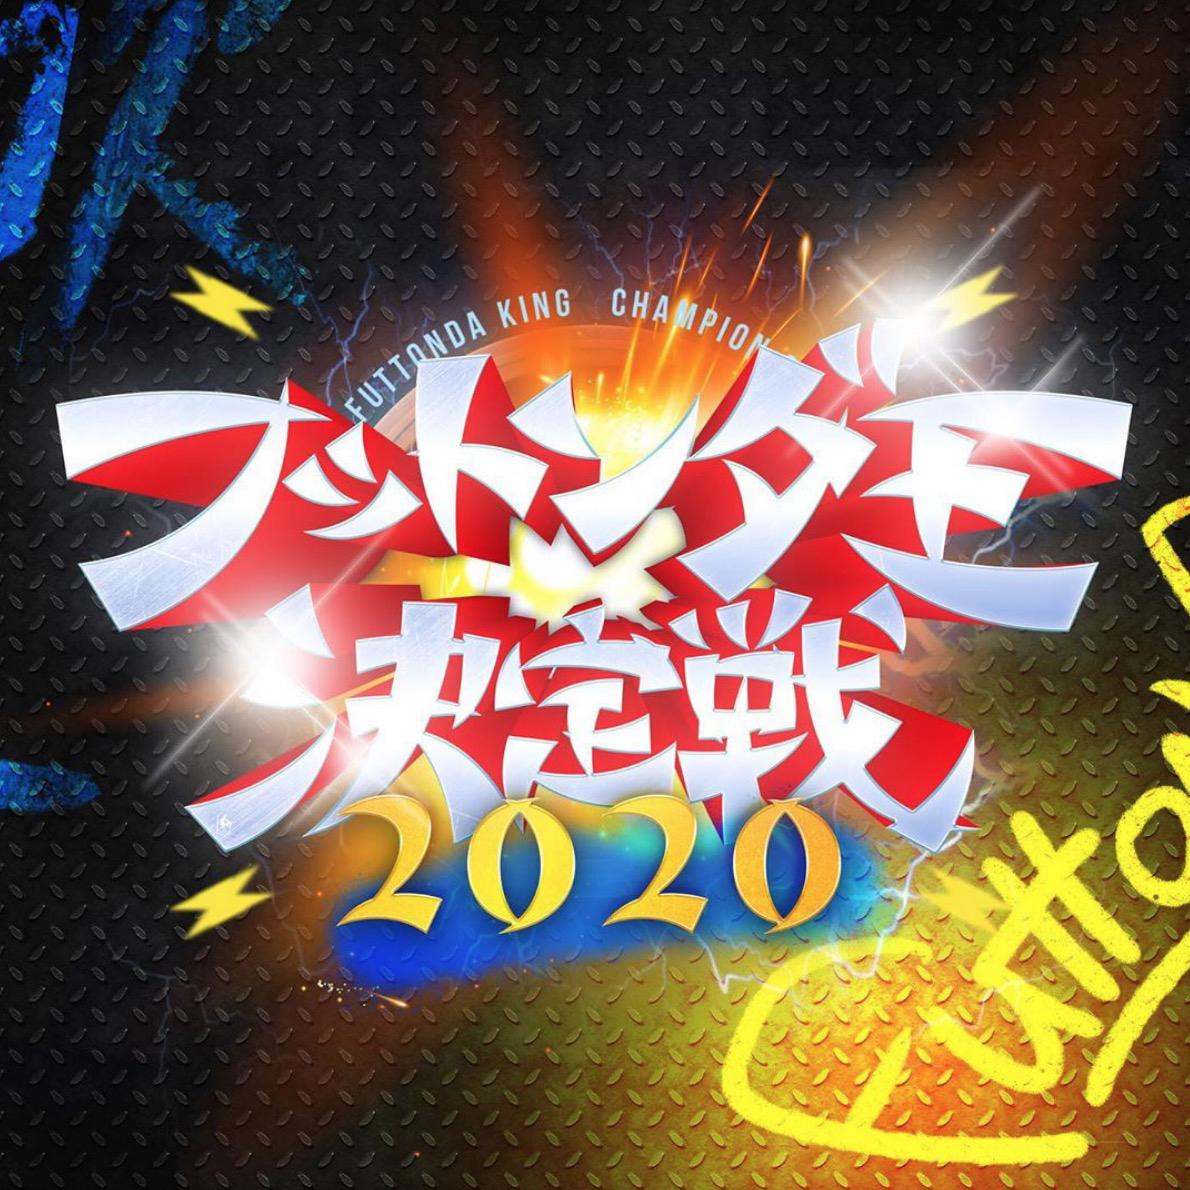 2020 戦 王 フットンダ 決定